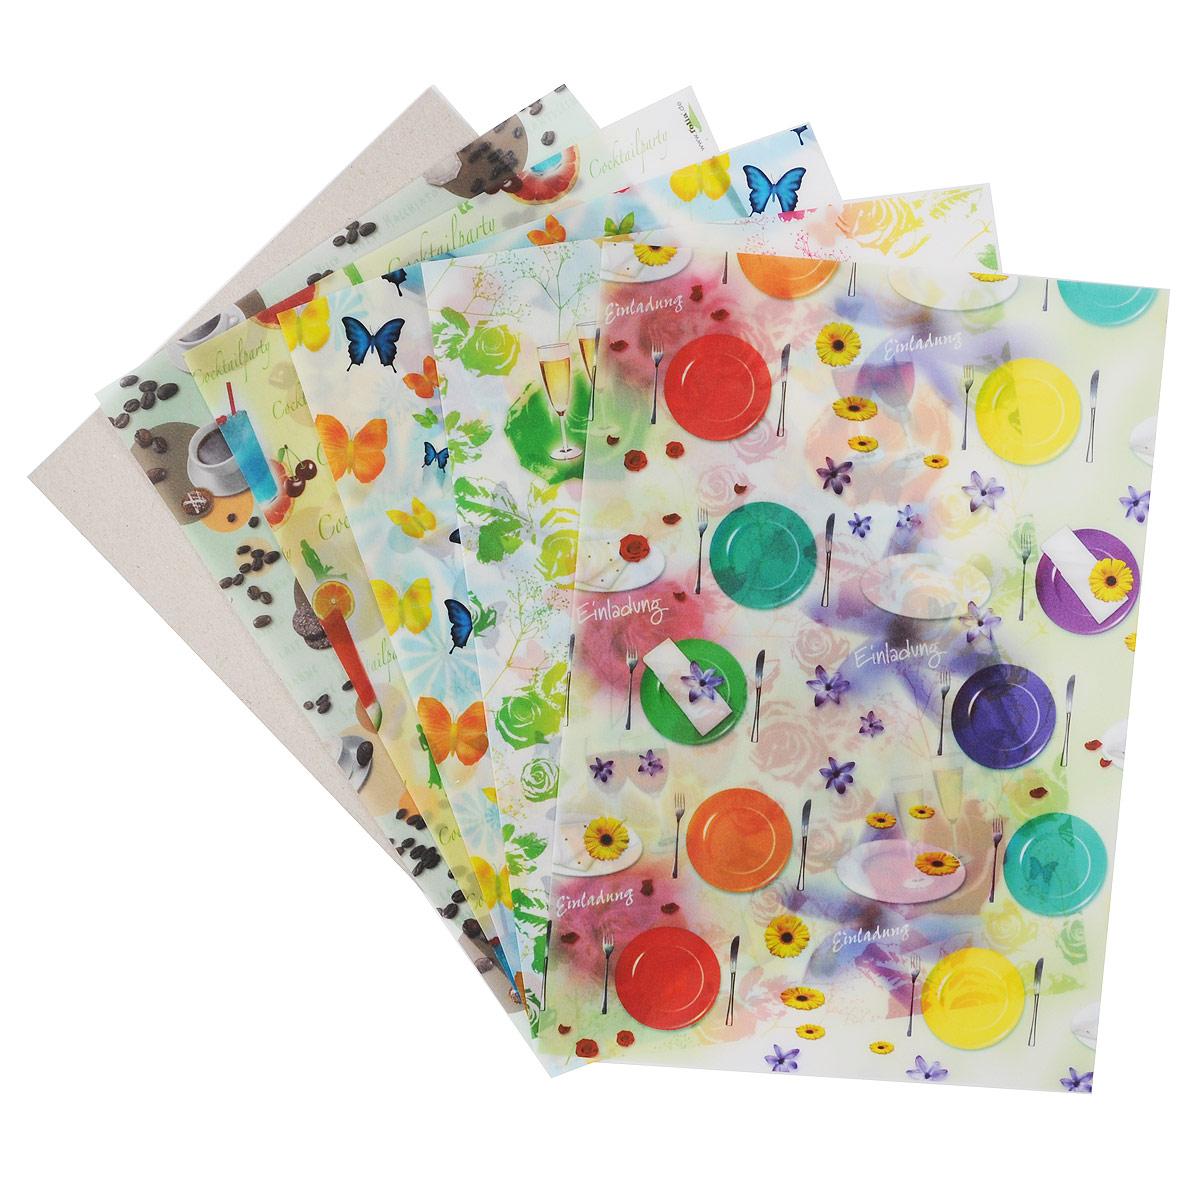 Транспарентная бумага Folia Вечеринка, 23 x 33 см, 5 листов7708084Транспарентная бумага Folia Вечеринка - полупрозрачная бумага с различными красивыми изображениями. Используется для изготовления открыток, для скрапбукинга и других декоративных или дизайнерских работ. Бумага прекрасно держит форму, не пачкает руки, отлично крепится. Конструирование из транспарентной бумаги - необходимый для развития детей процесс. Во время занятия аппликацией ребенок сумеет разработать четкость движений, ловкость пальцев, аккуратность и внимательность. Кроме того, транспарентная бумага позволит разнообразить идеи ребенка при создании творческих работ.